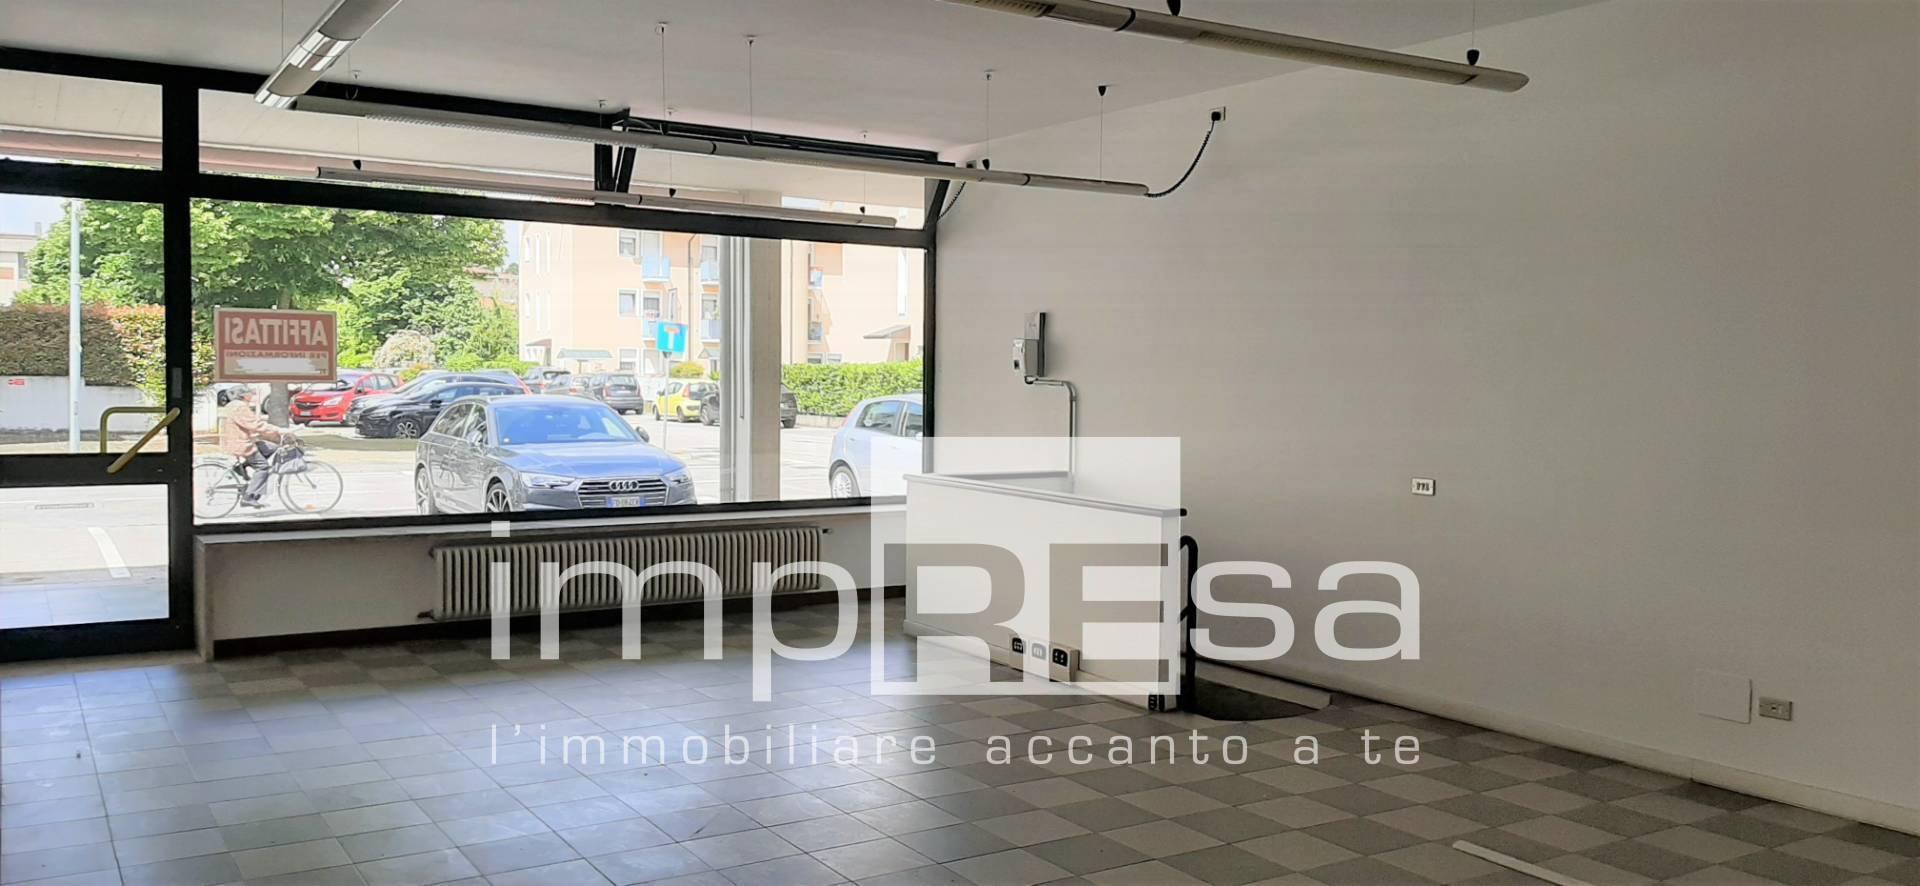 Negozio / Locale in affitto a Preganziol, 9999 locali, zona Località: Centro, prezzo € 750 | CambioCasa.it